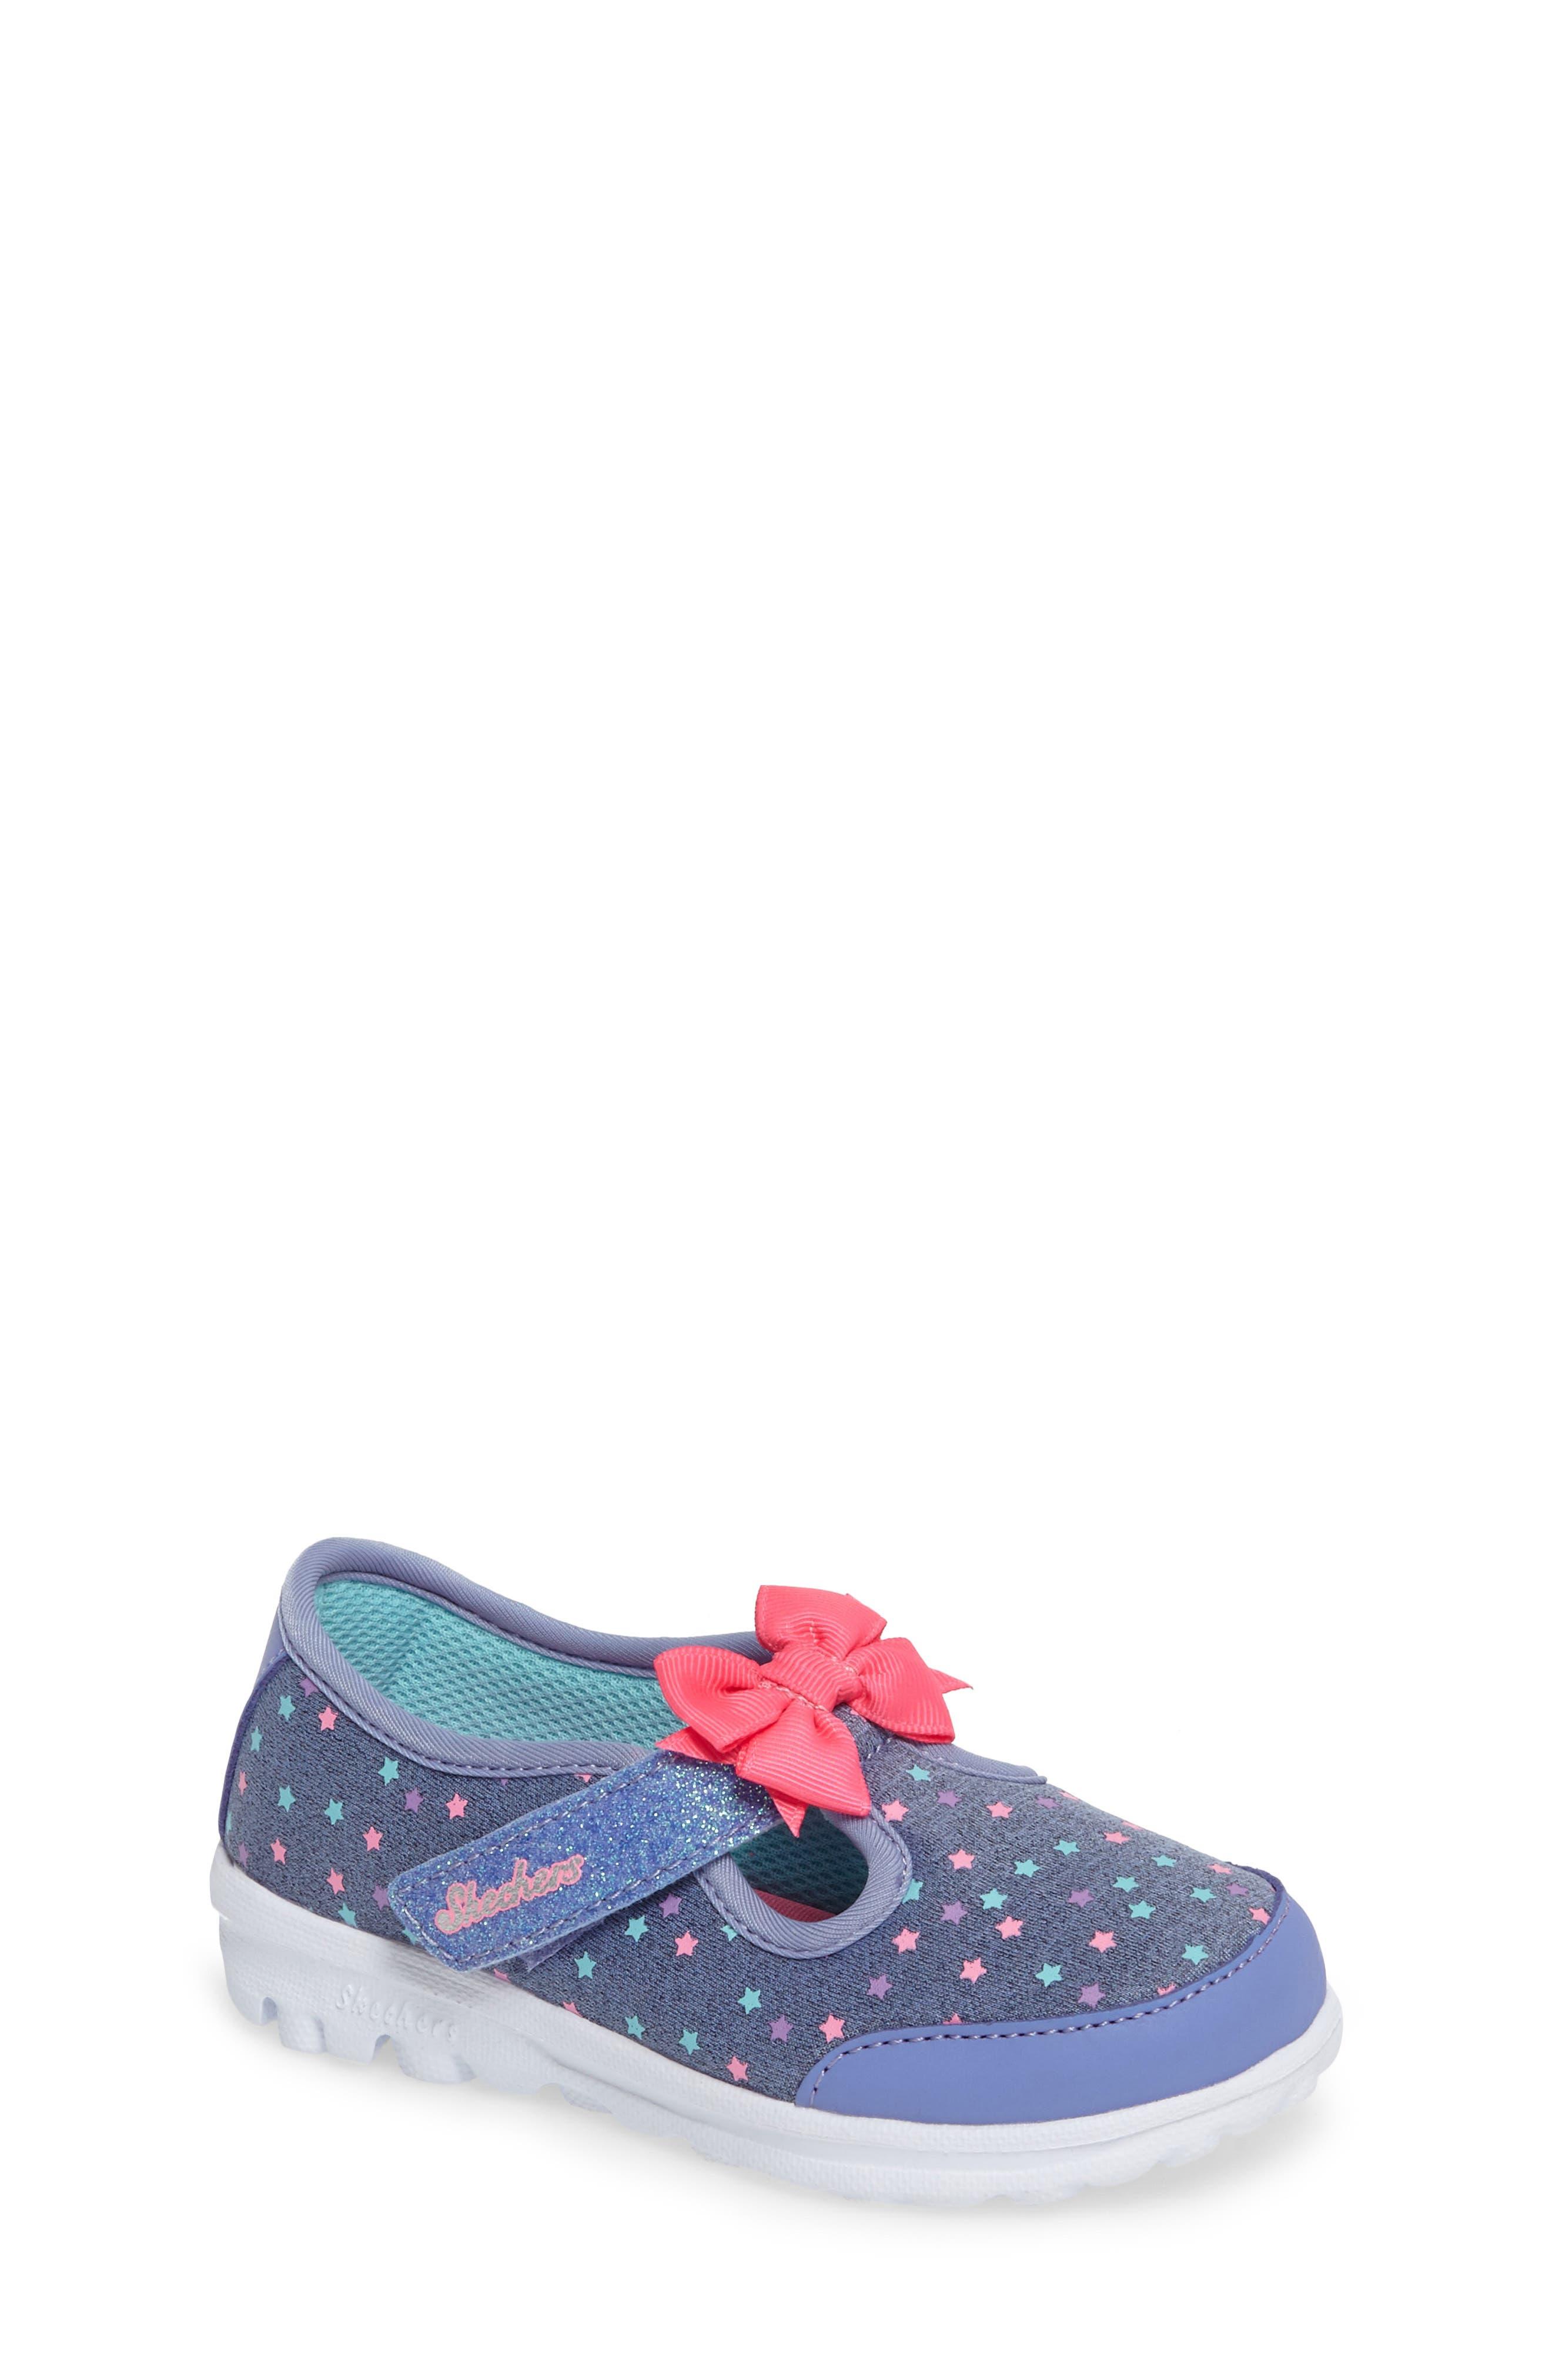 SKECHERS Go Walk Slip-On Sneaker (Baby, Walker, Toddler & Little Kid)